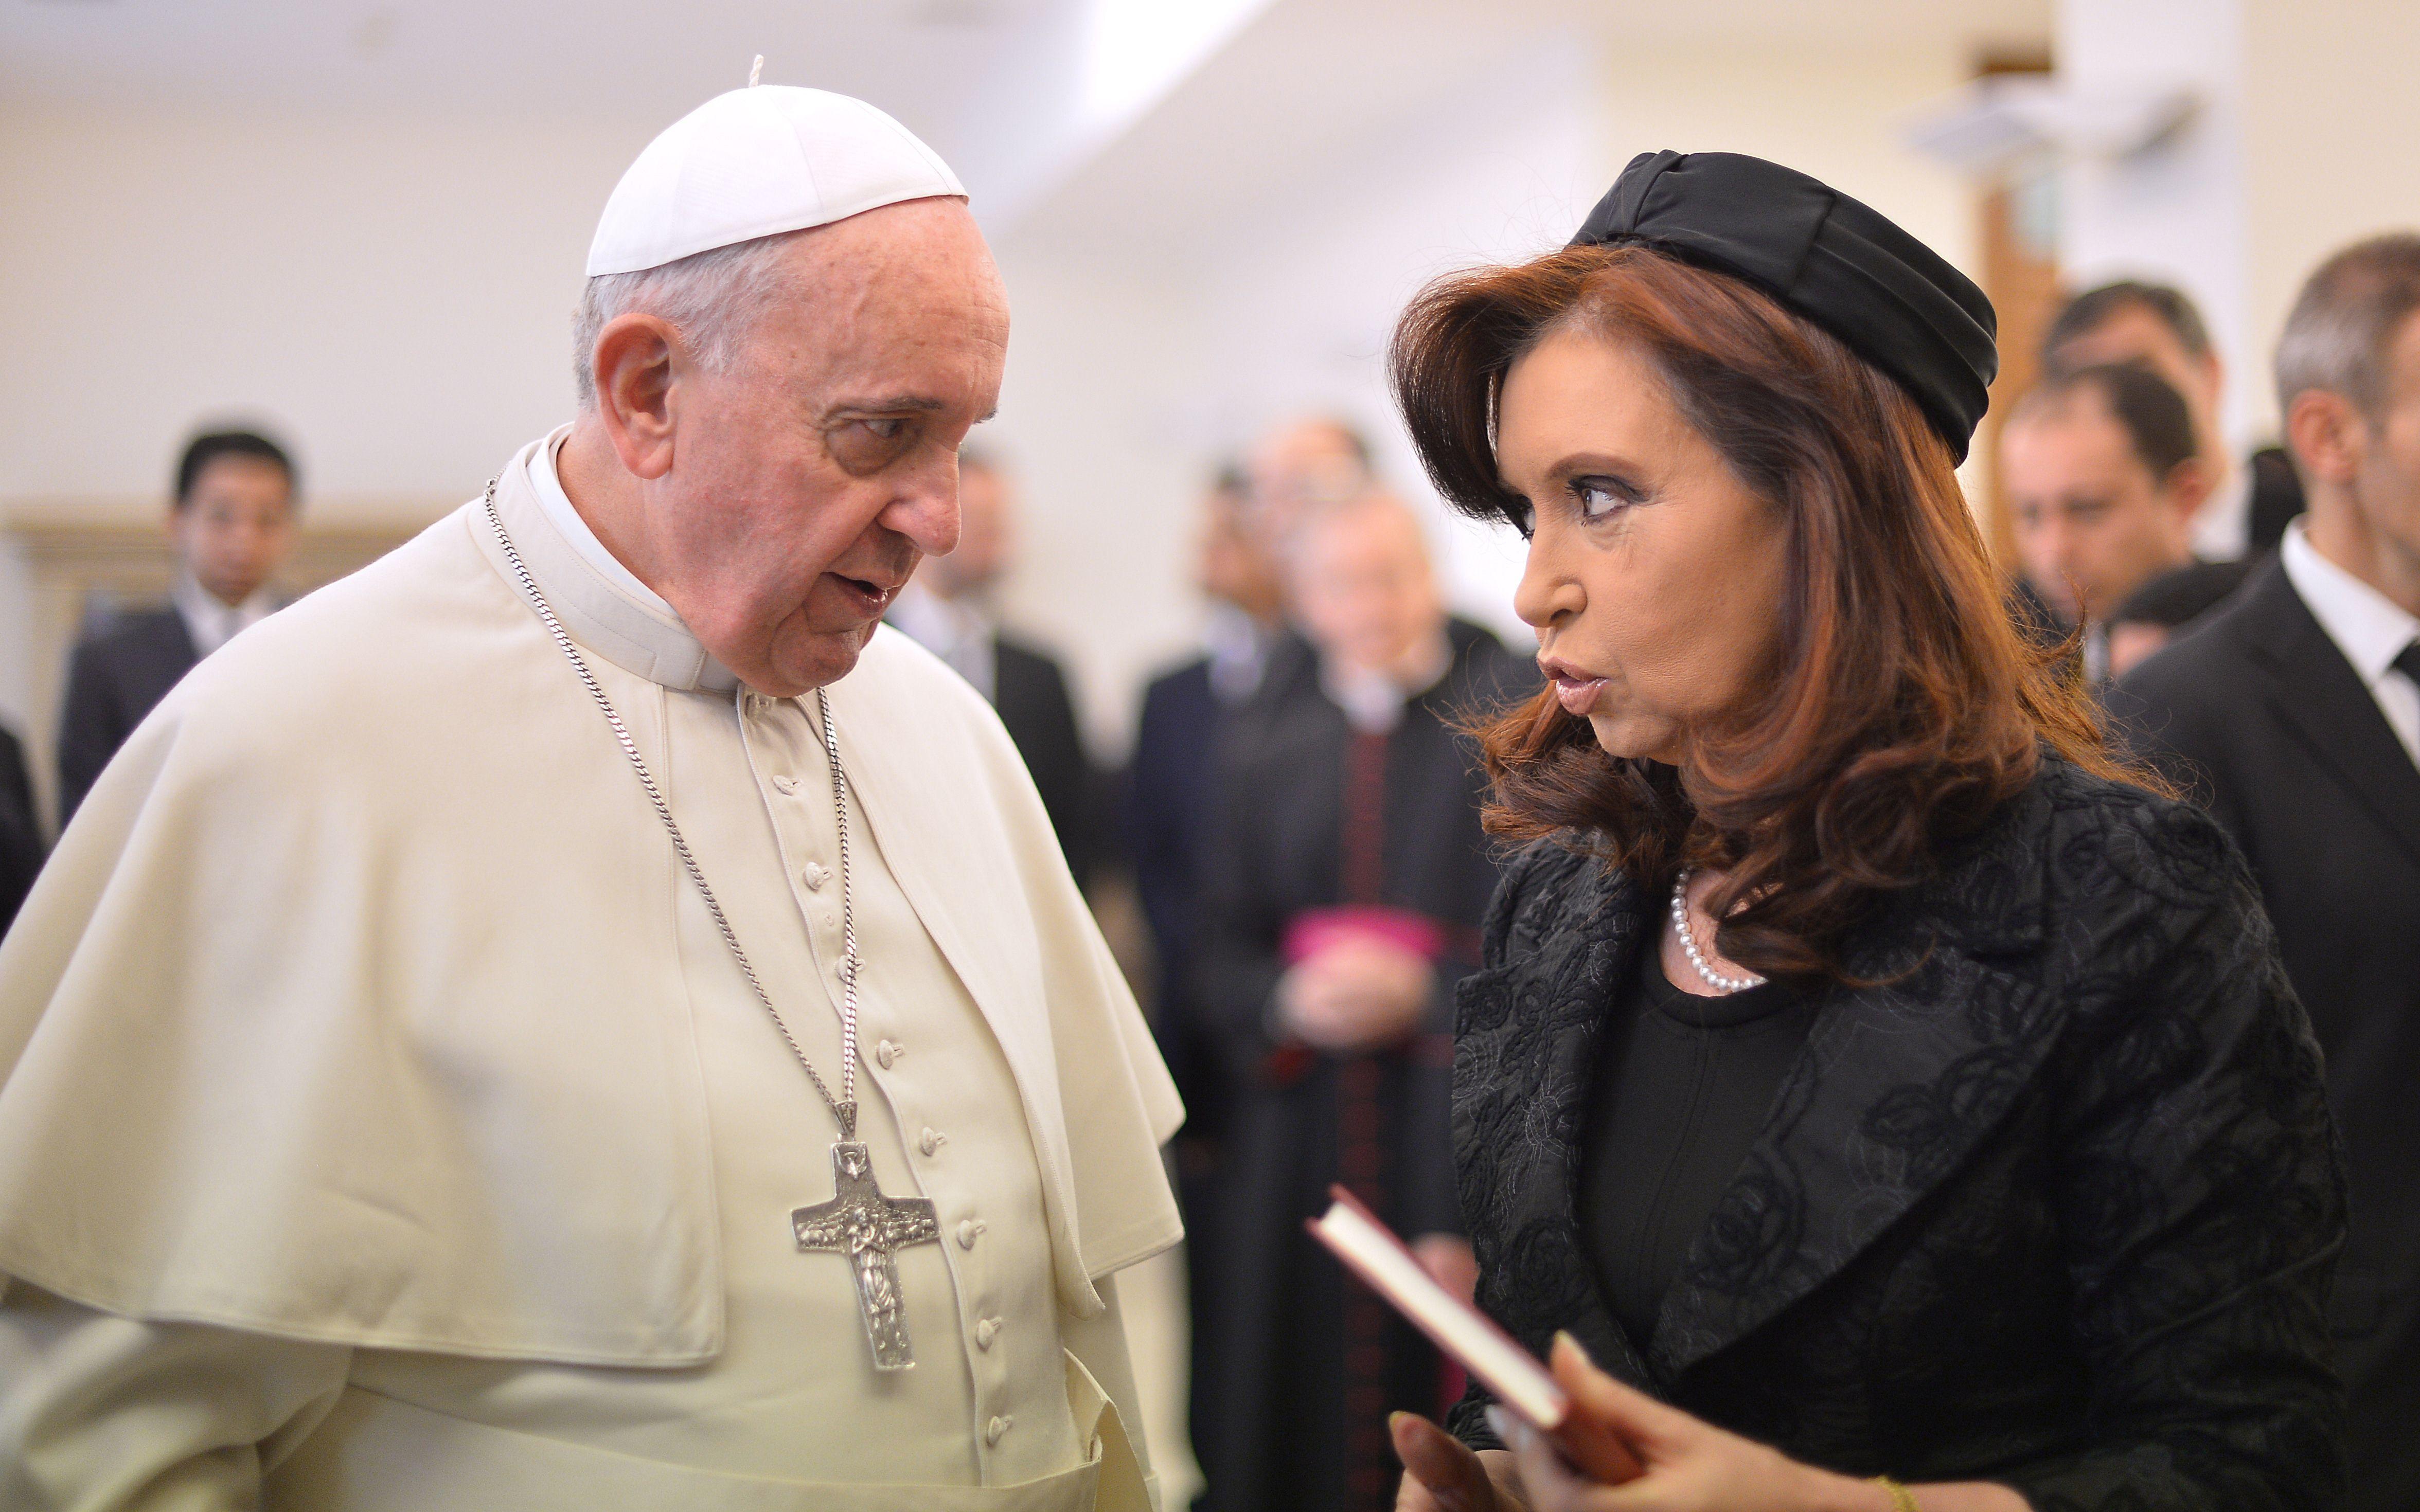 Francisco y Cristina se encontraron en El Vaticano el 17 de marzo pasado. (Foto de archivo).